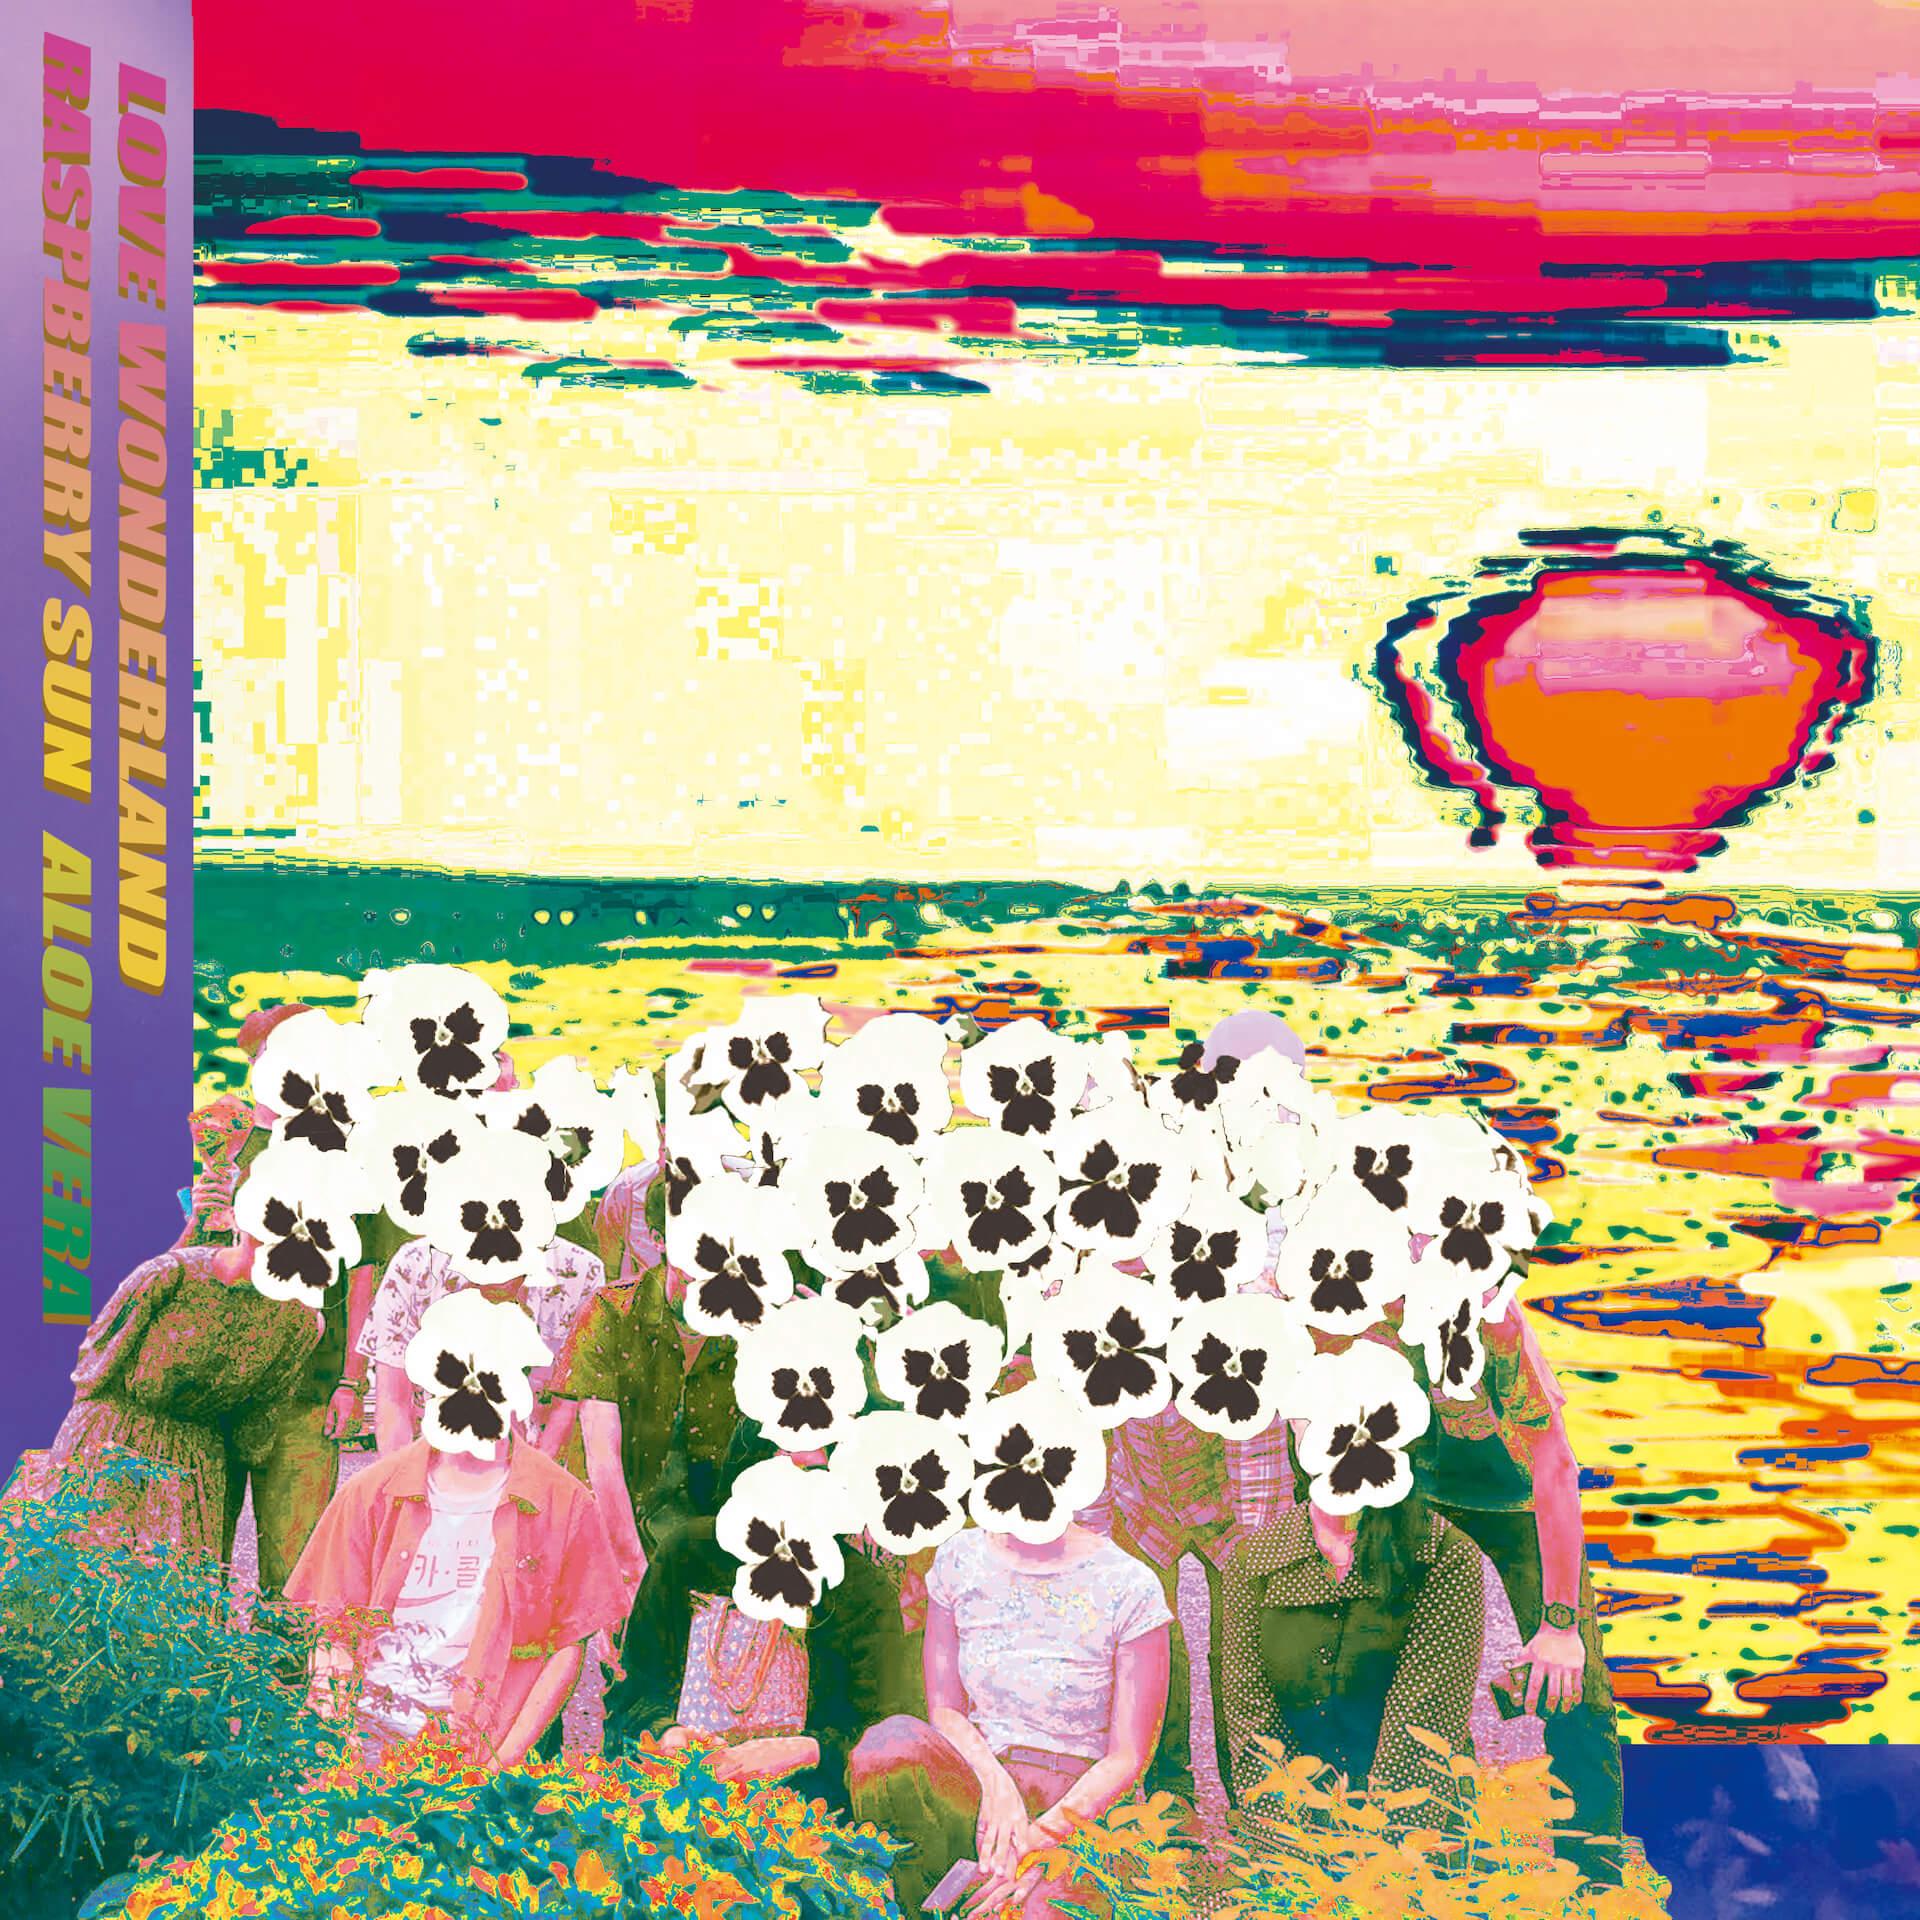 """京都発""""彼岸のラヴァーズ・ロック""""!ラブワンダーランドの1stアルバム『永い昼』が本日リリース music200707-lovewonderland-1"""